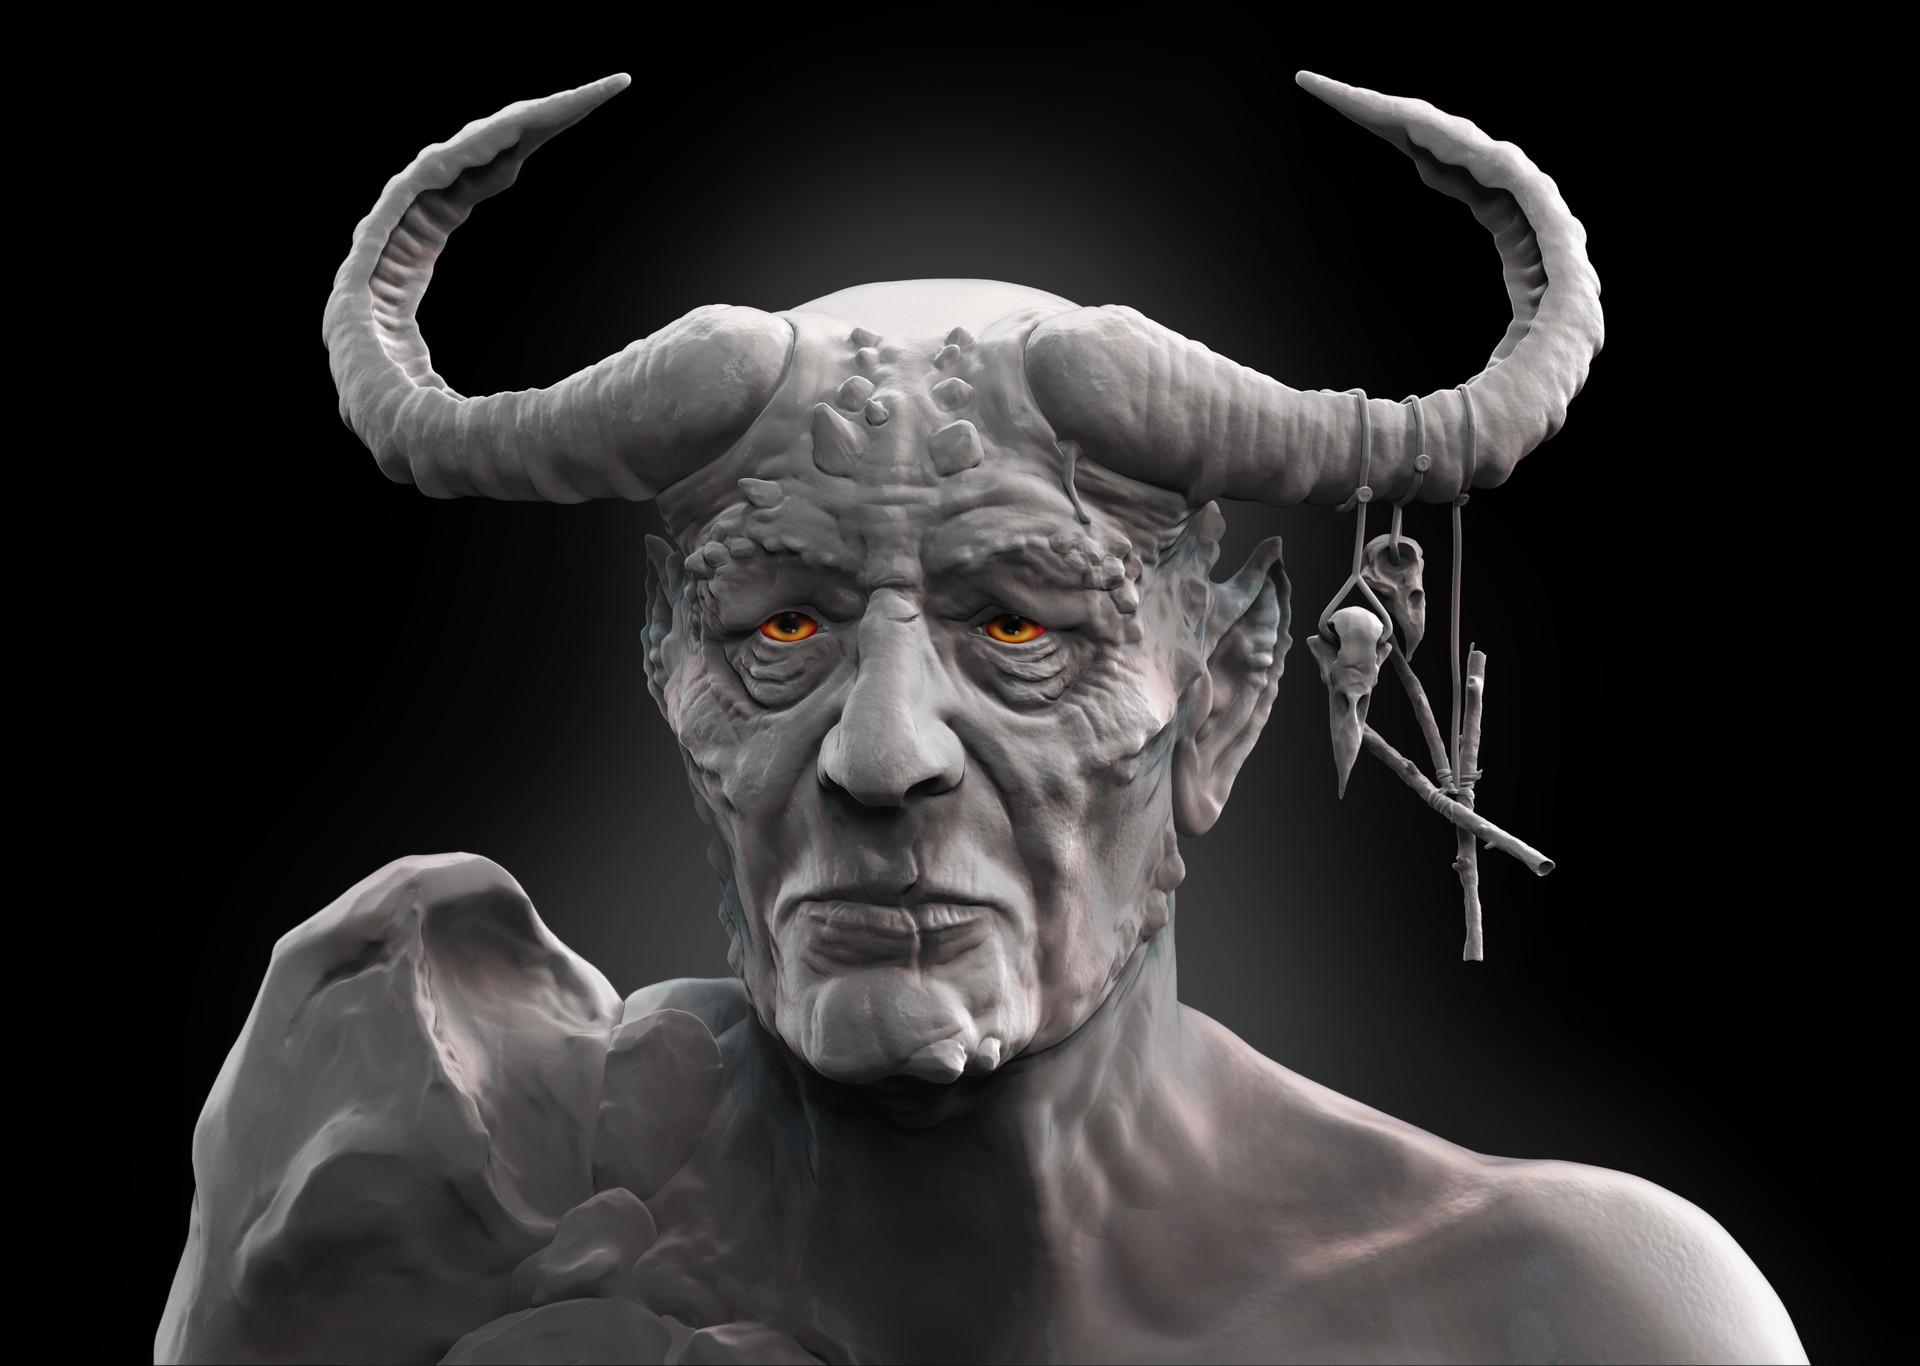 Harry heywood warlock render png2